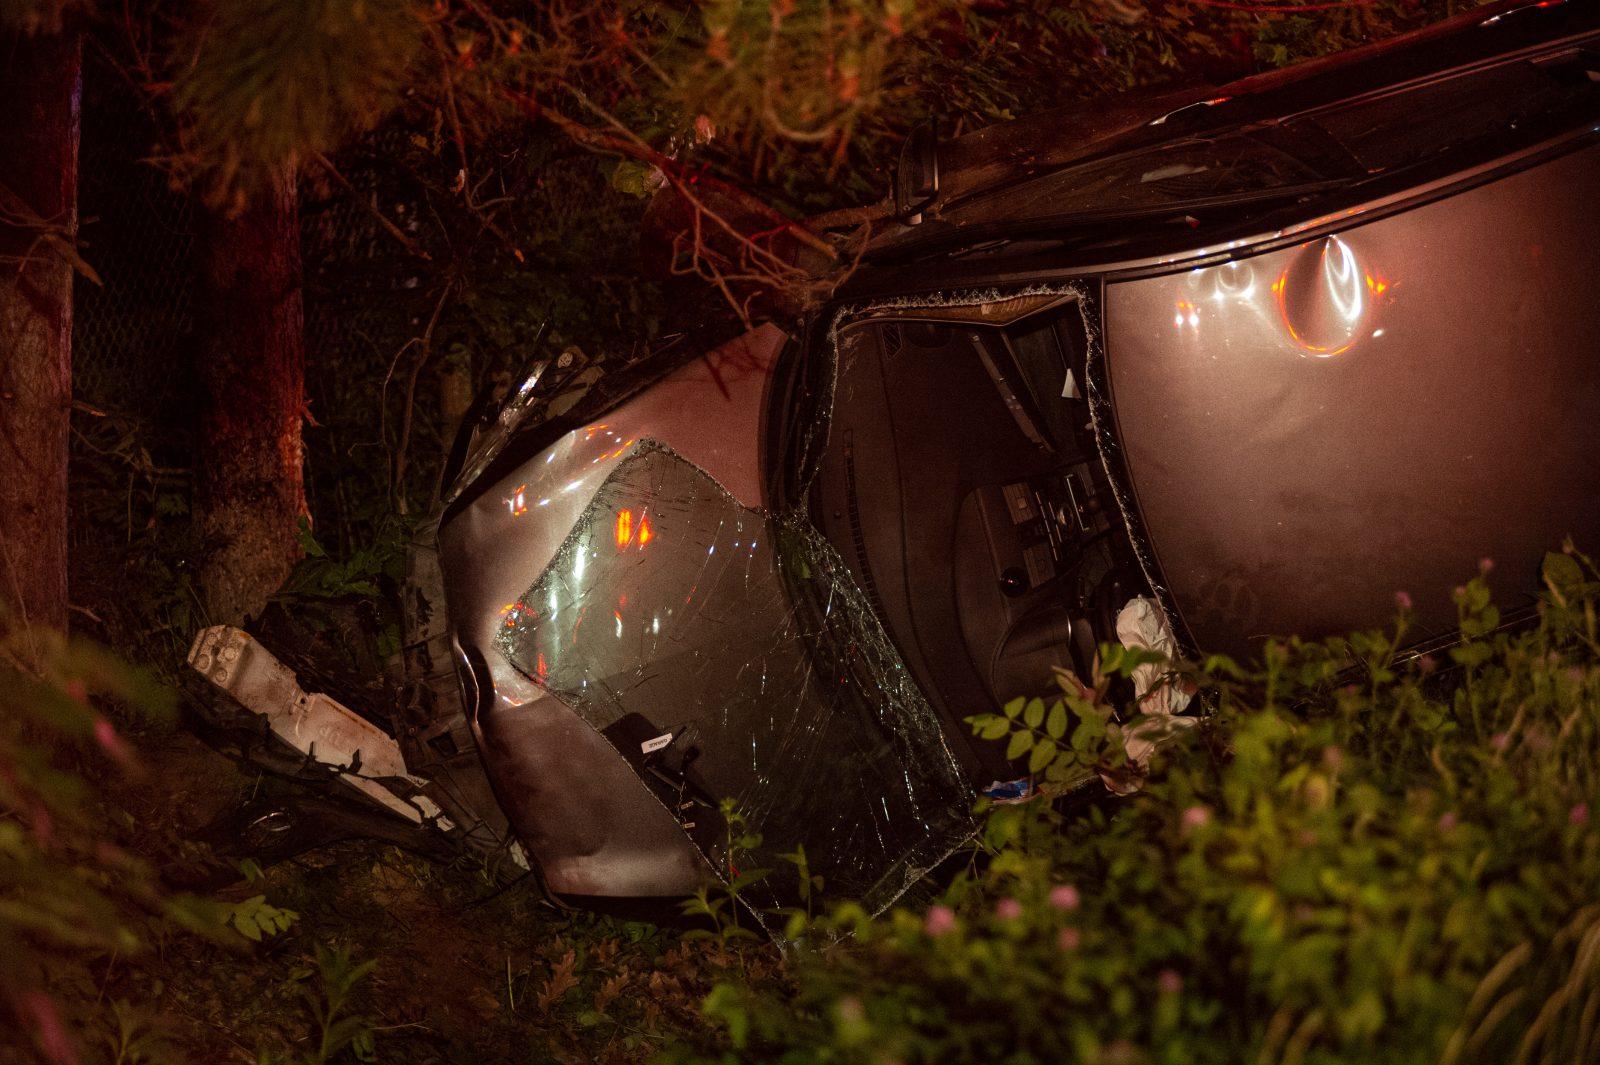 Une jeune automobiliste blessée après s'être endormie au volant